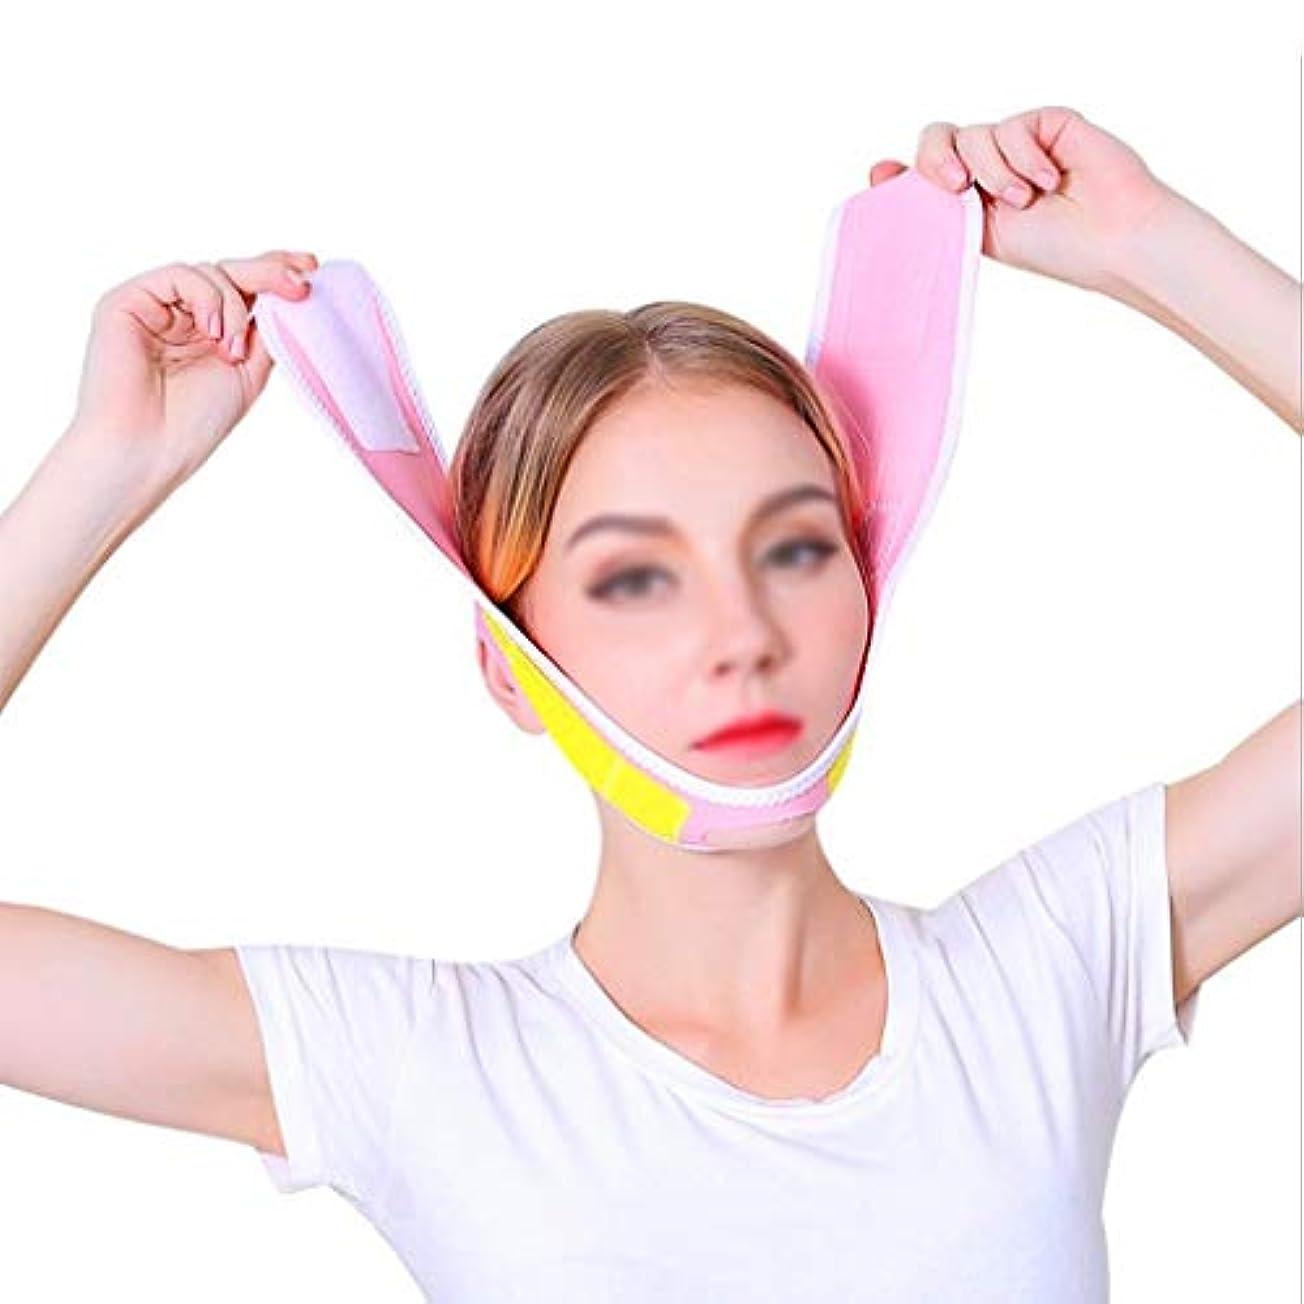 訪問オリエンタル回復整形されたフェイスマスク、顔の引き上げと引き締めを強化する整形、顔の減量抗シワトリートメント、フェイスリフティングと引き締め肌(ピンク、ワンサイズ)